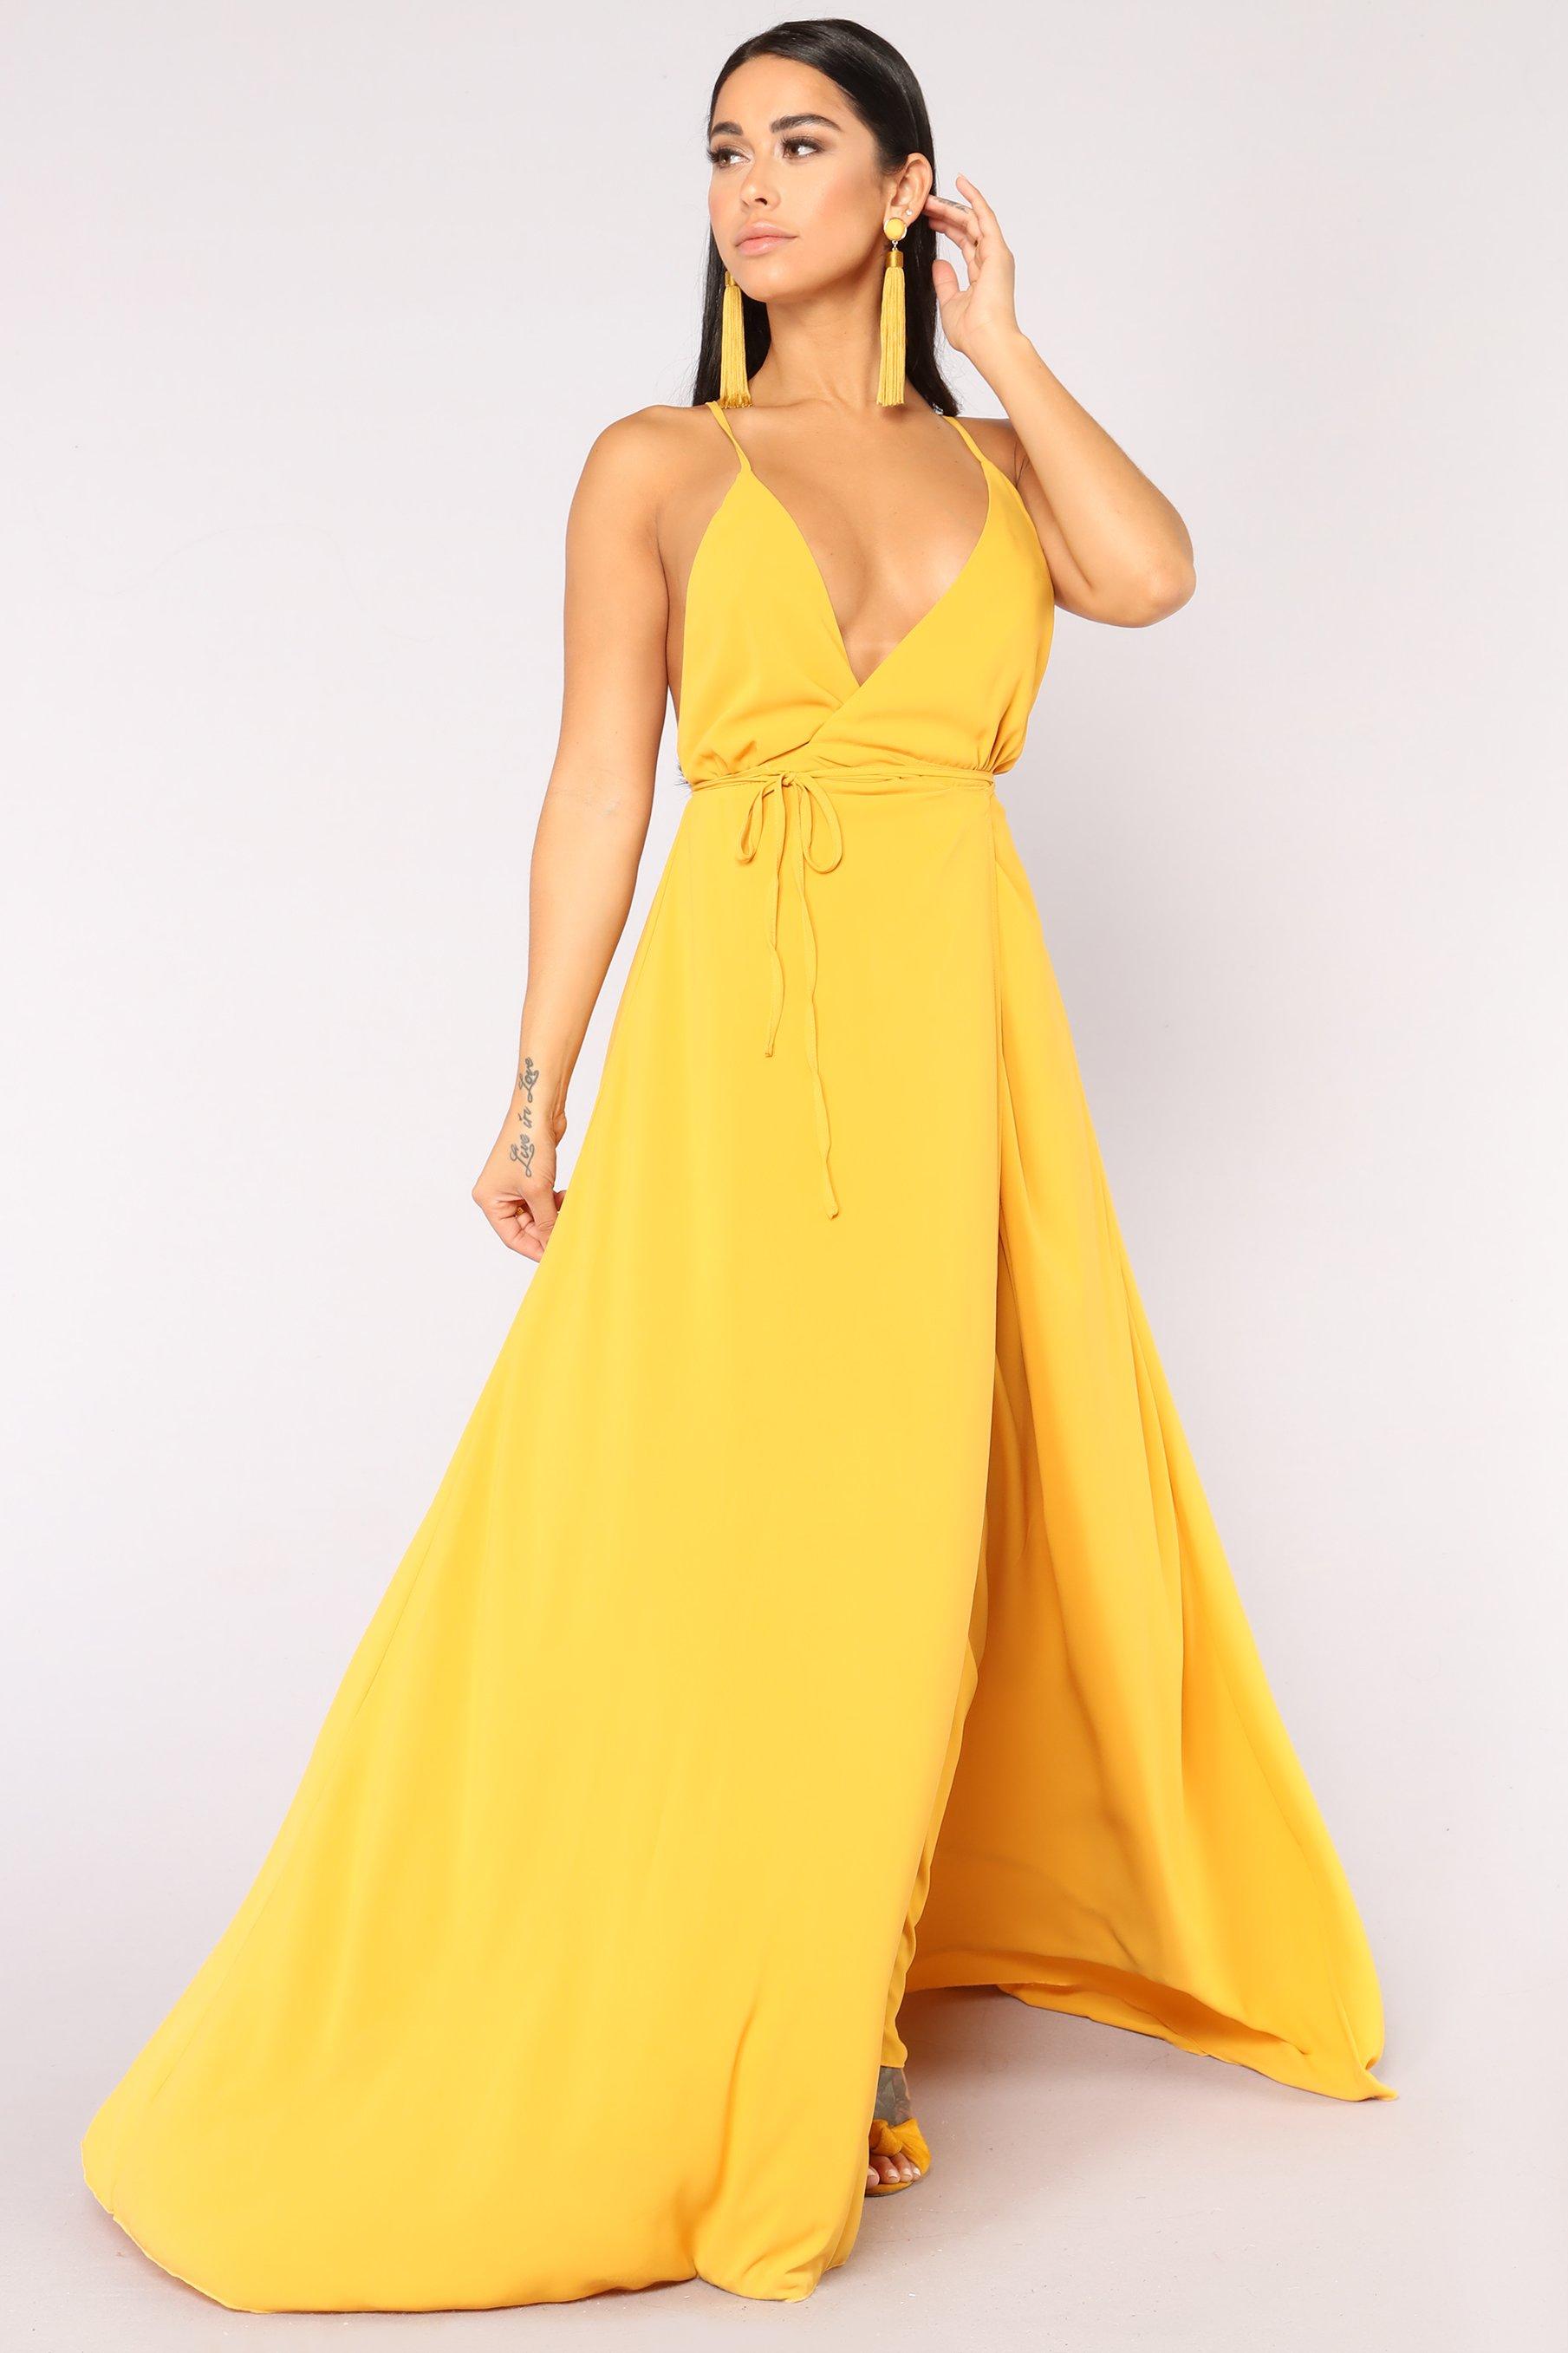 Lizbeth Dress - Mustard $49.99 USD